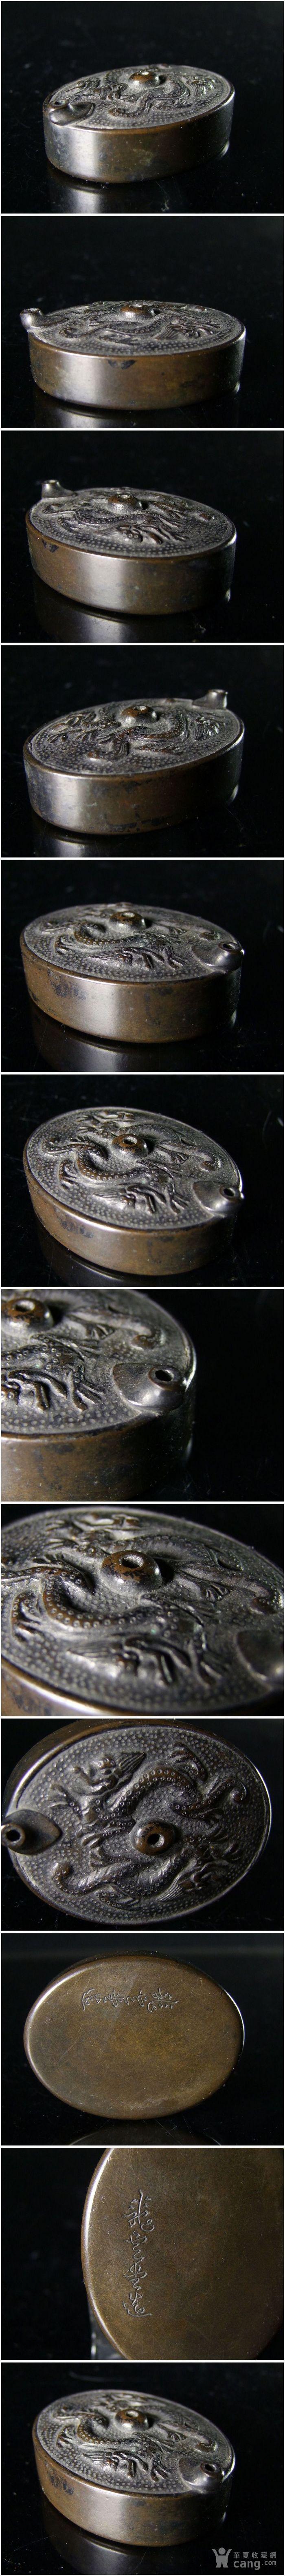 清代文房老铜水滴图1